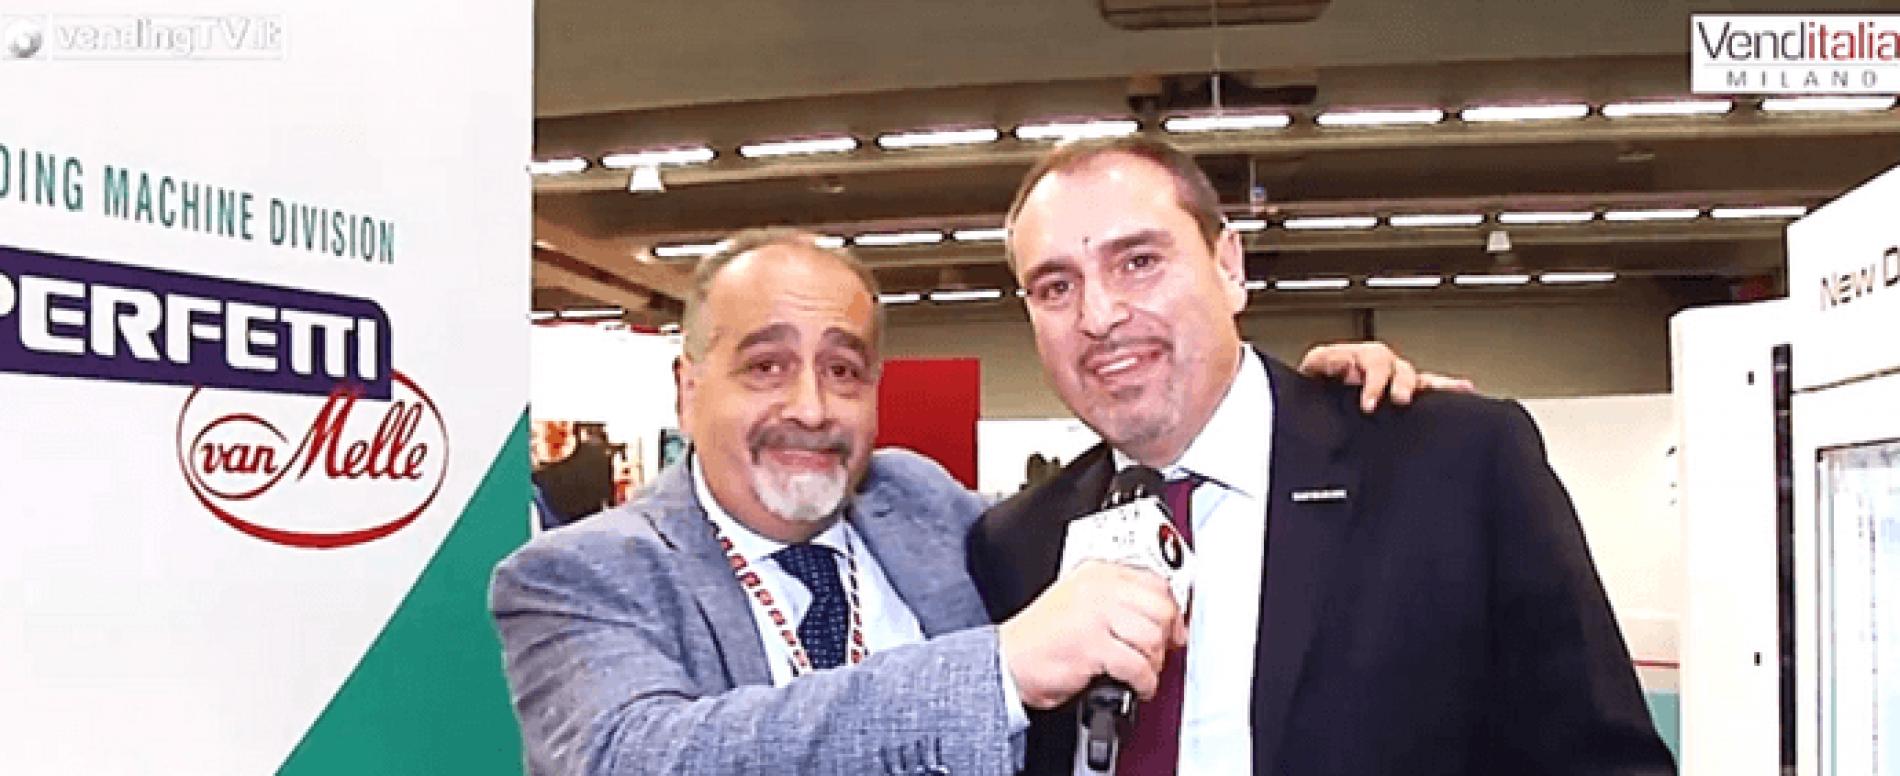 Venditalia 2018. Intervista con Mauro Maule di MAGEX